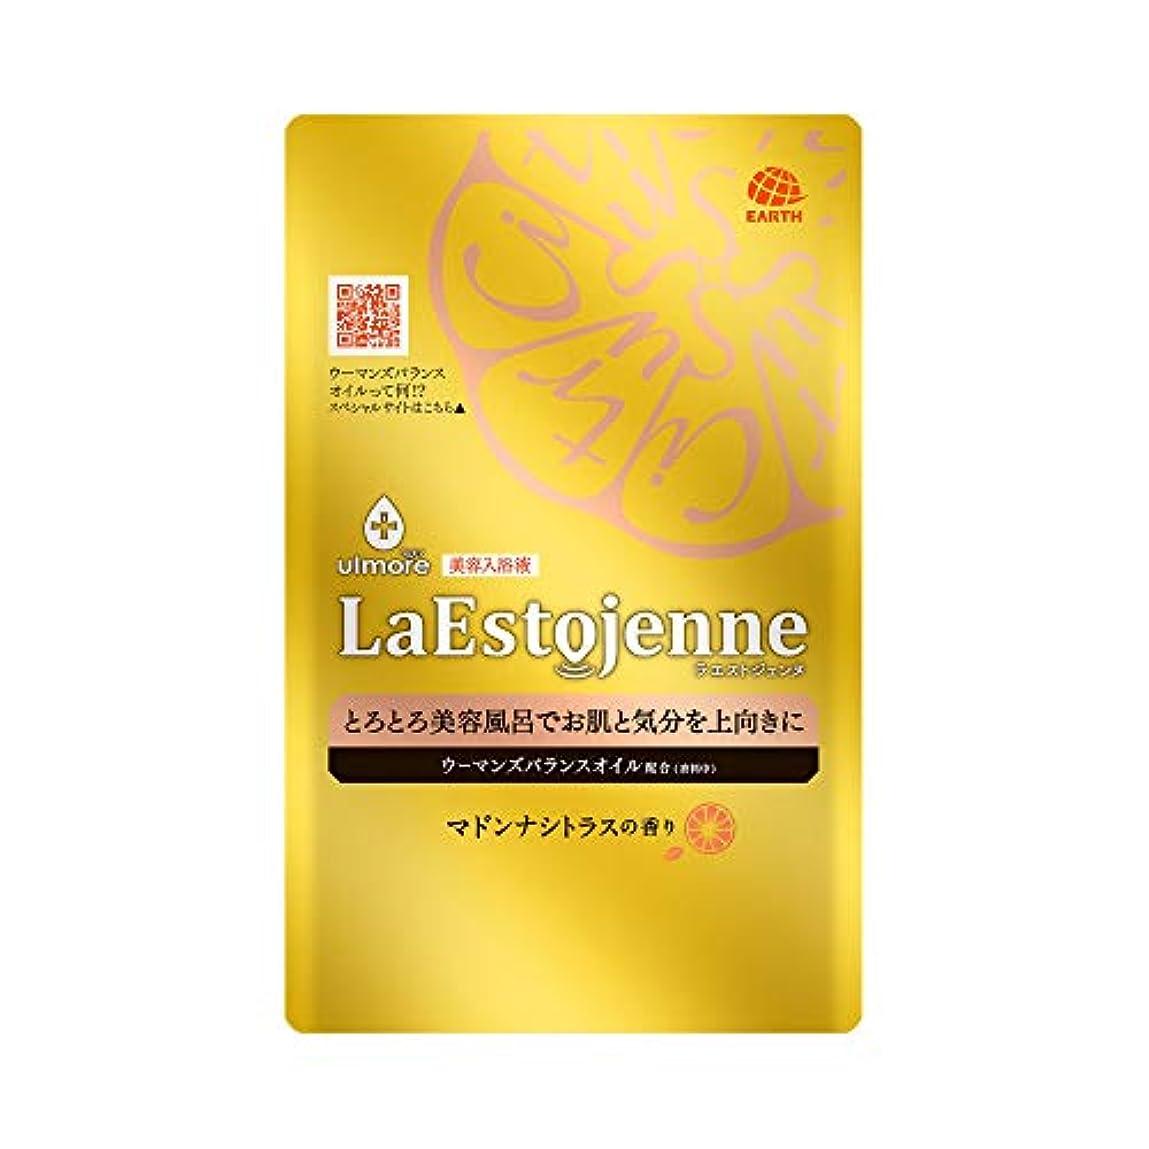 ウルモア ラエストジェンヌ 入浴剤 マドンナシトラスの香り [160ml x 1包入り]